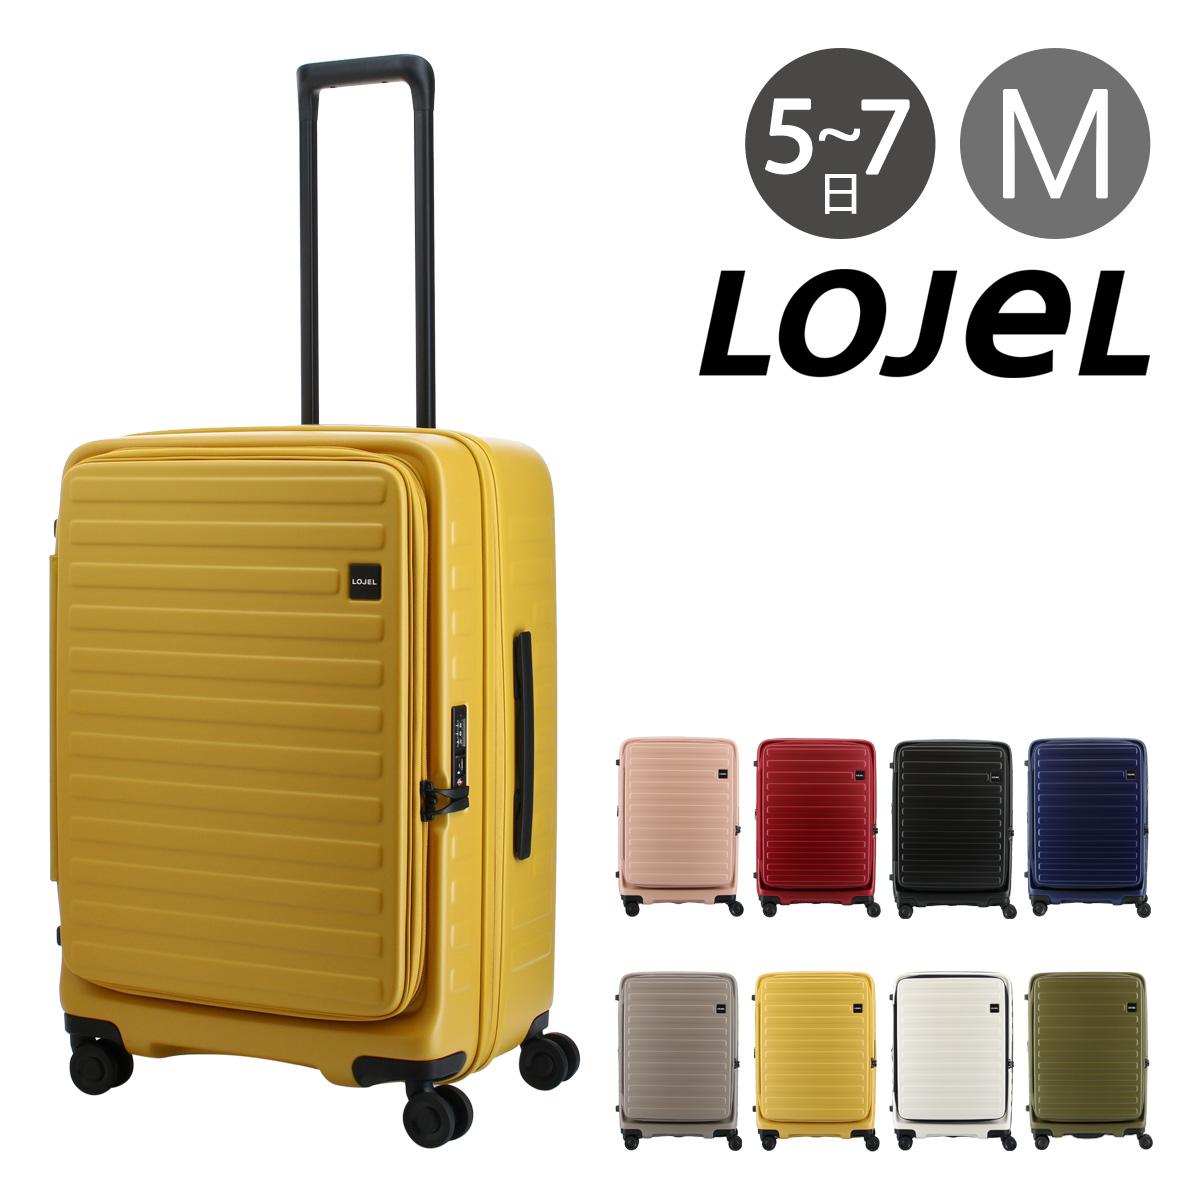 ロジェール スーツケース CUBO-M Mサイズ キャリーケース キャリーバッグ ビジネスキャリー 62cm 拡張機能 エキスパンダブル エクスパンダブル LOJEL【bef】【即日発送】